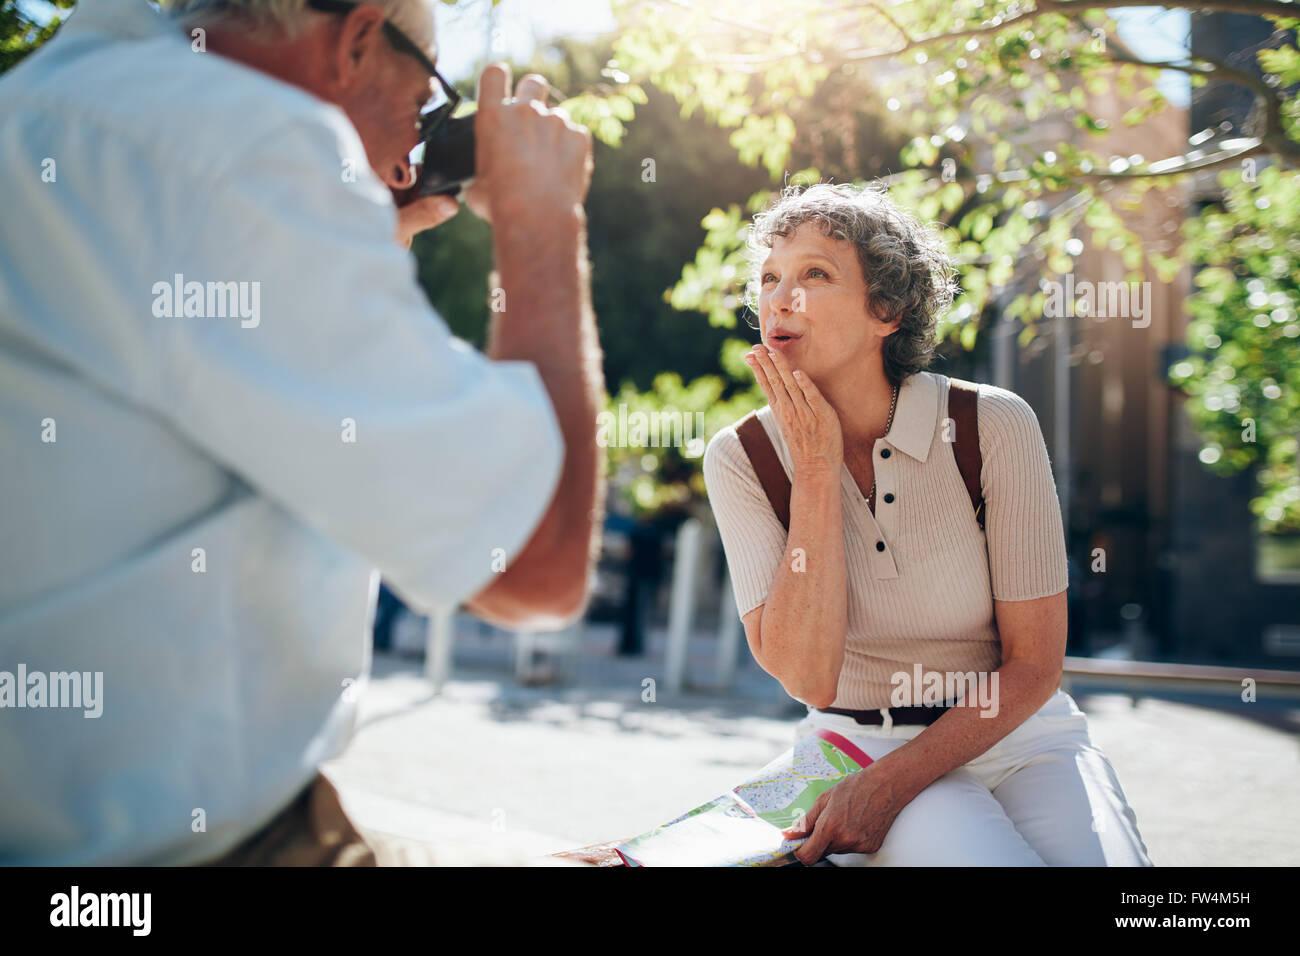 Schöne ältere Frau bläst einen Kuss und Kamera im freien sitzend auf einer Bank in der Stadt. Frau Stockbild